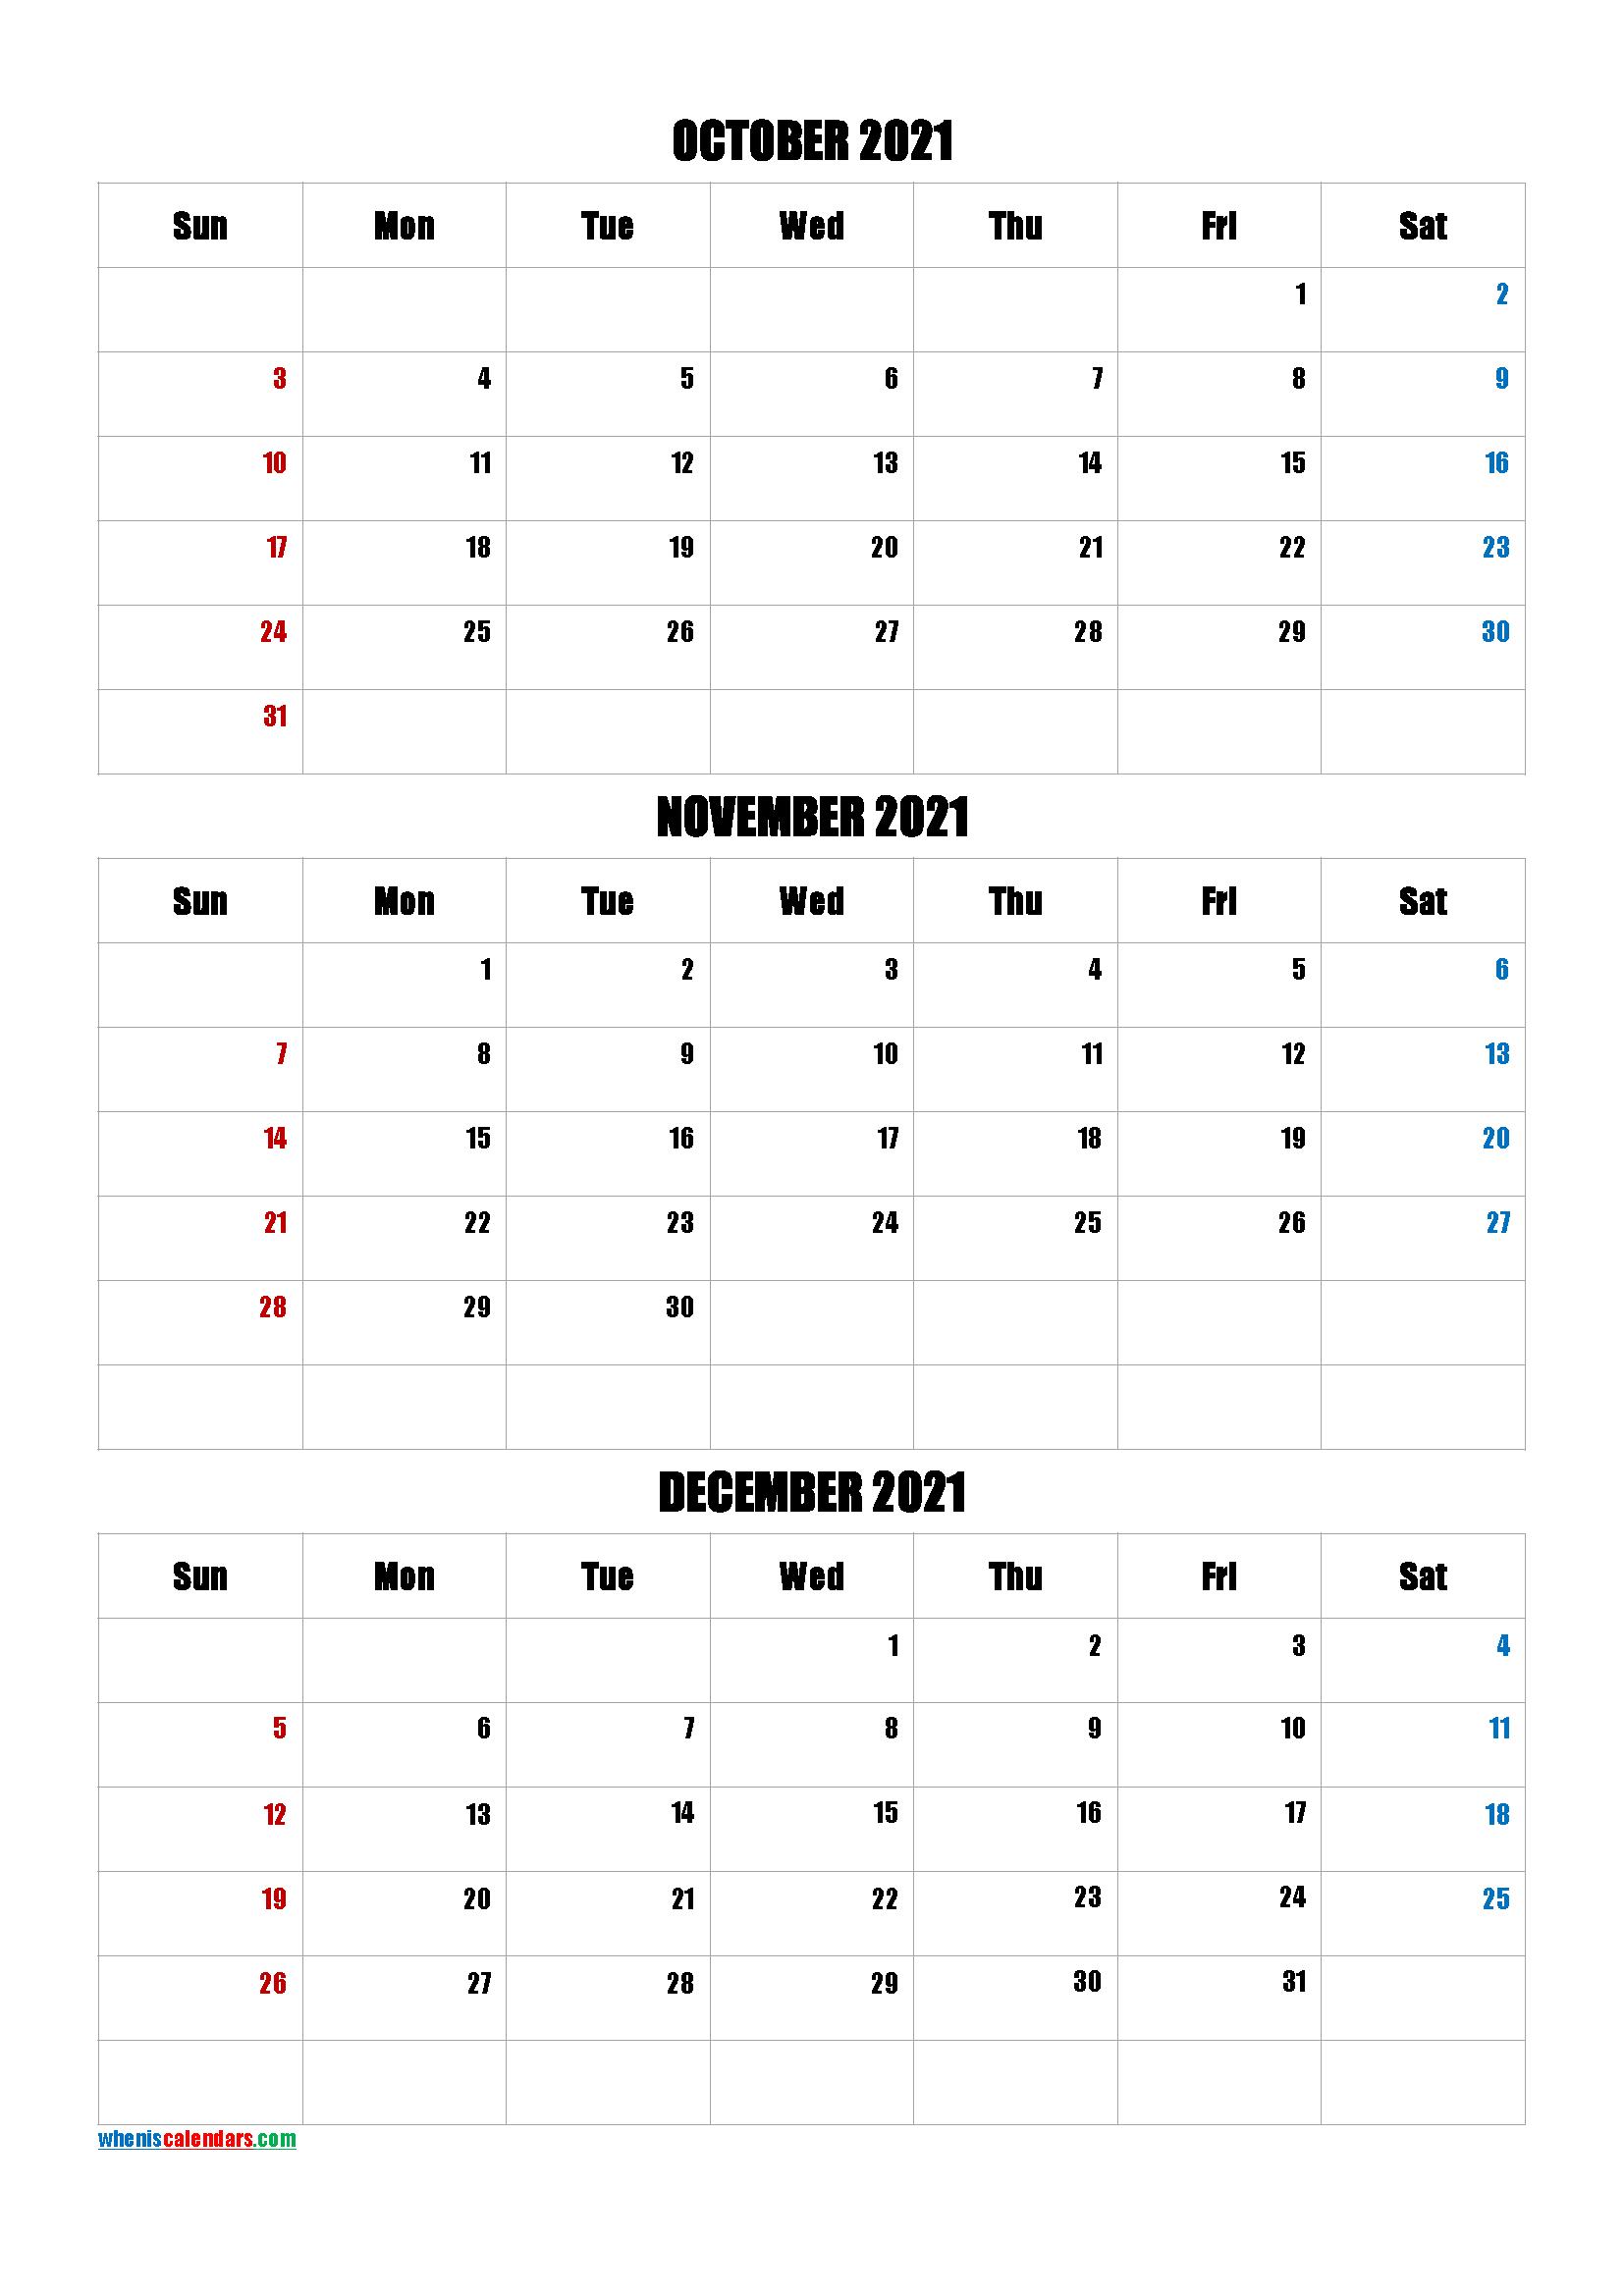 Free October November December 2021 Calendar